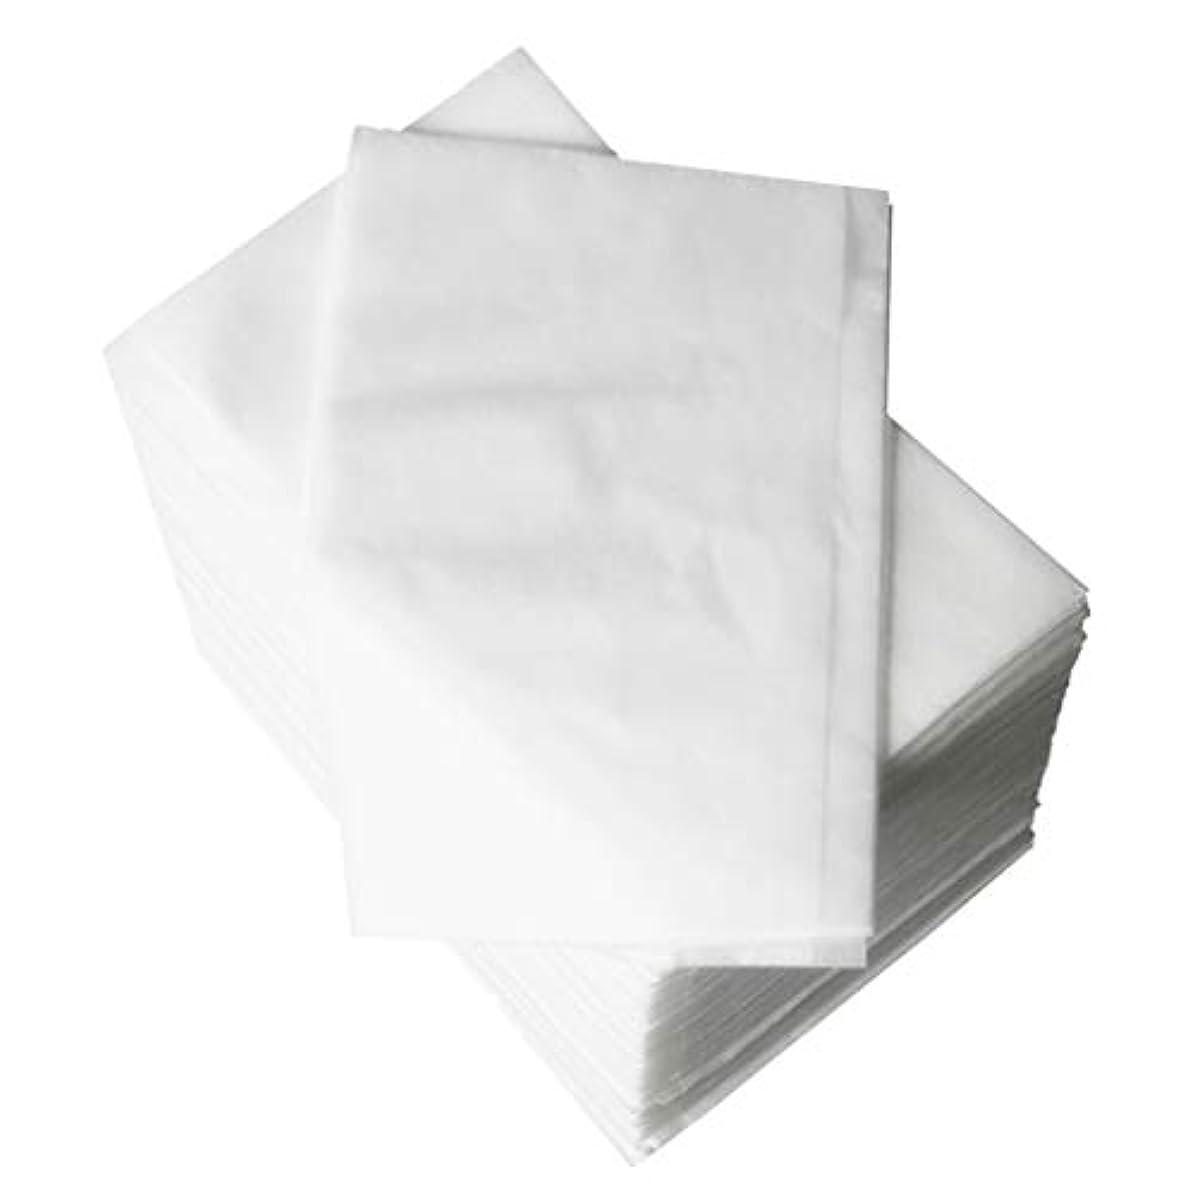 割合百年使い込むスパベッドカバー 使い捨て 耐久性 使い捨てベッドシーツ ブルー ホワイト - 白